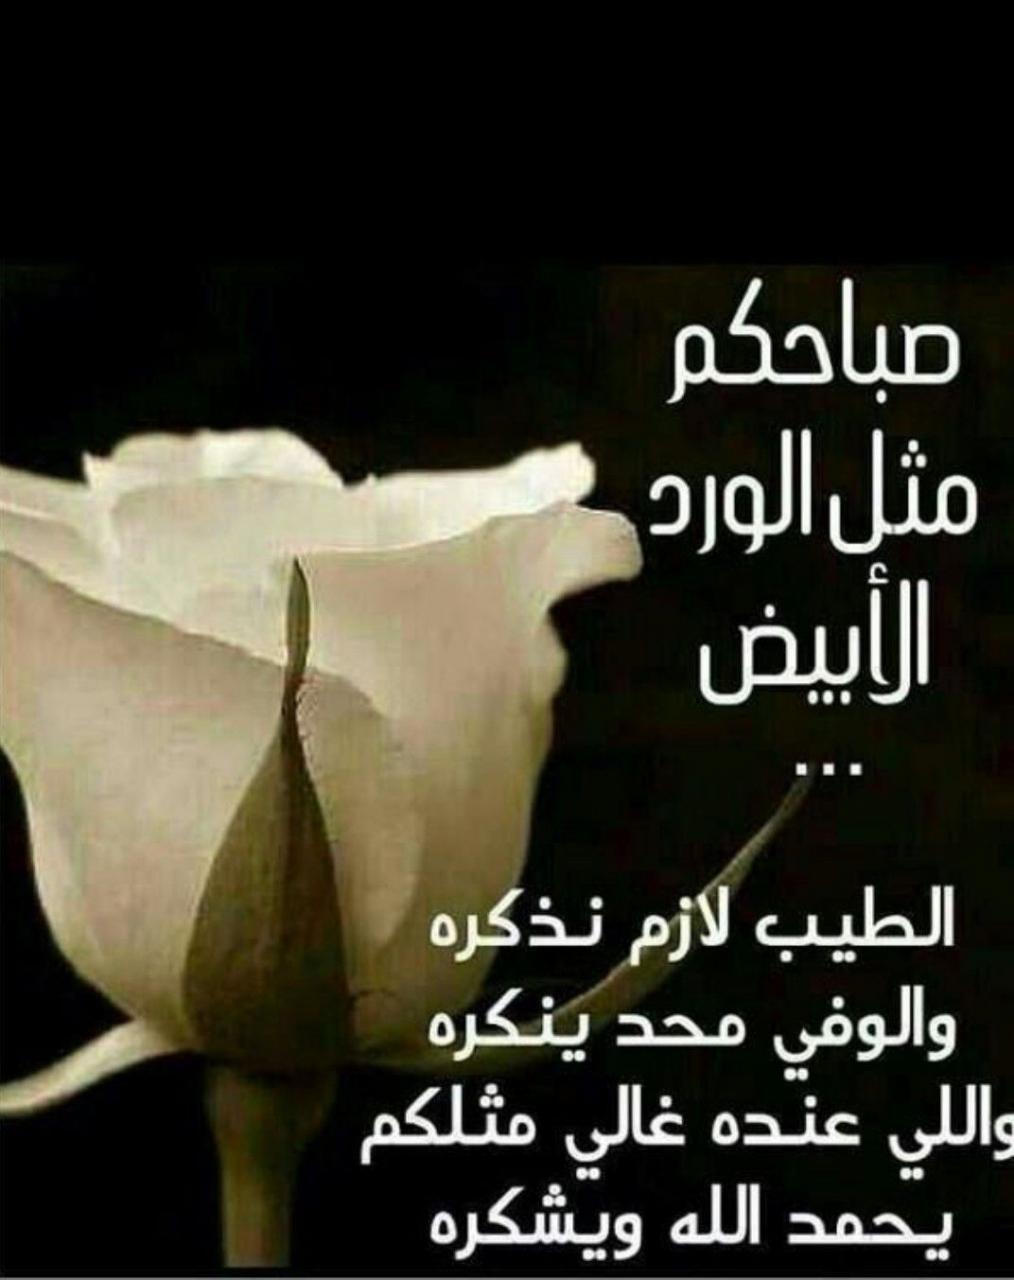 صورة صباح الخير يا احلى , اجمل صباح ده ولا ايه 6101 4